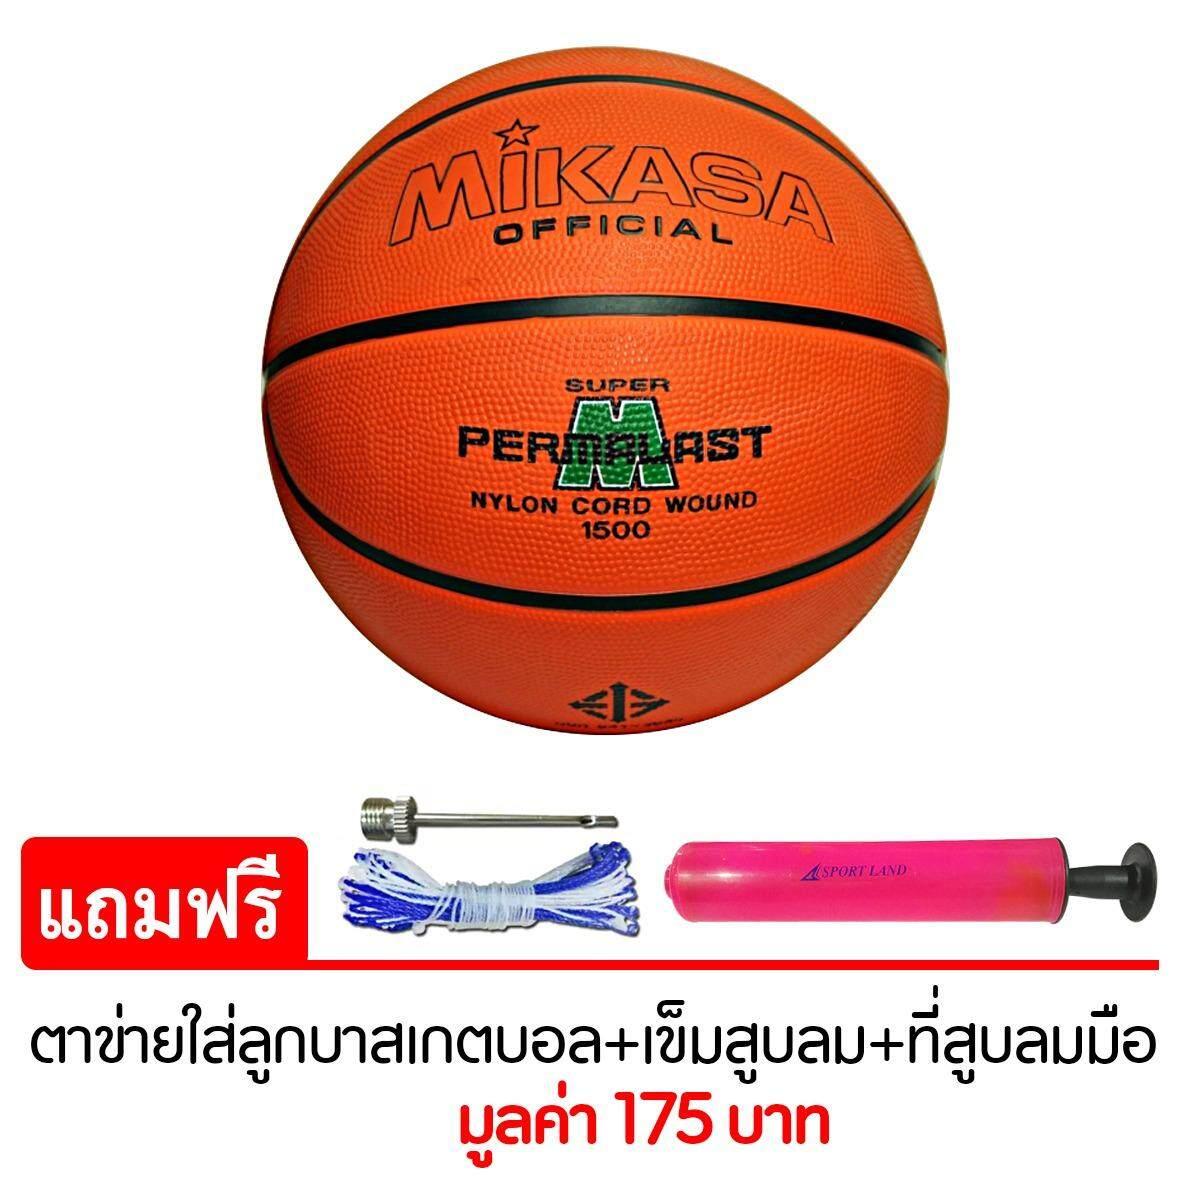 ราคา Mikasa บาสเก็ตบอลBasketball Mks Rb 1500 แถมฟรี ตาข่ายใส่ลูกบาสเกตบอล เข็มสูบสูบลม สูบมือ Spl รุ่น Sl6 สีชมพู Mikasa ออนไลน์